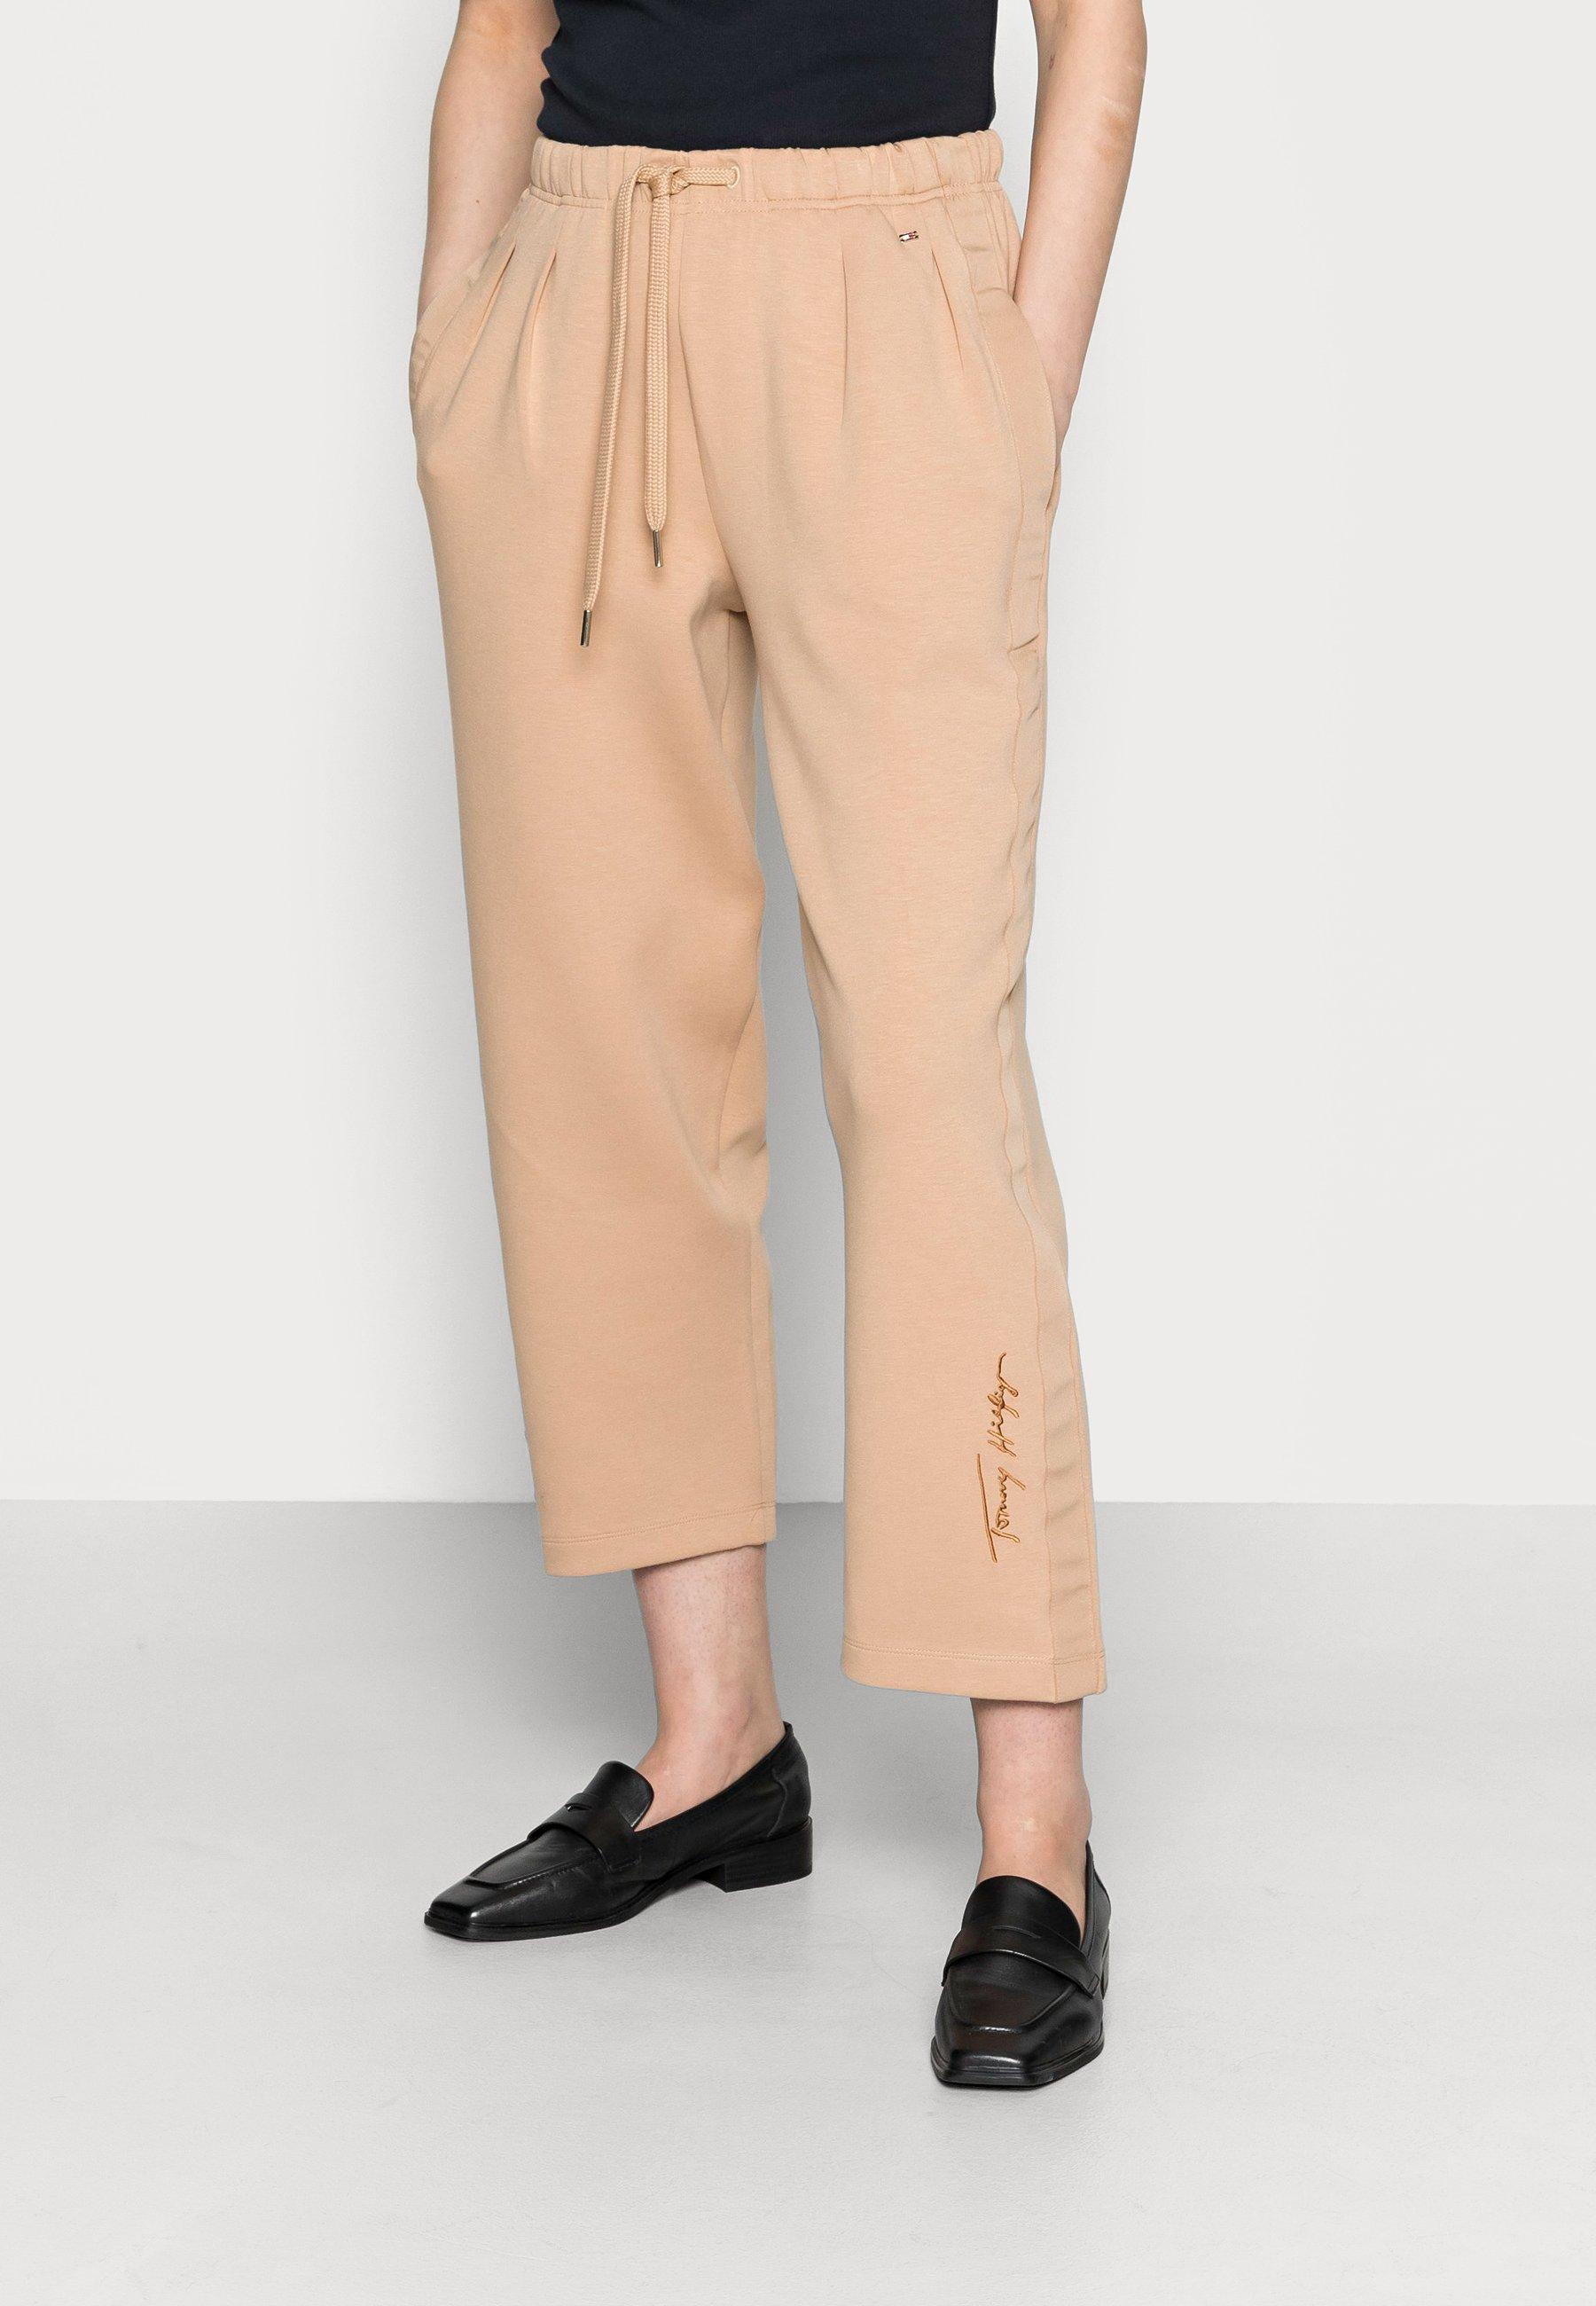 Femme RELAXED LONG PANT - Pantalon de survêtement